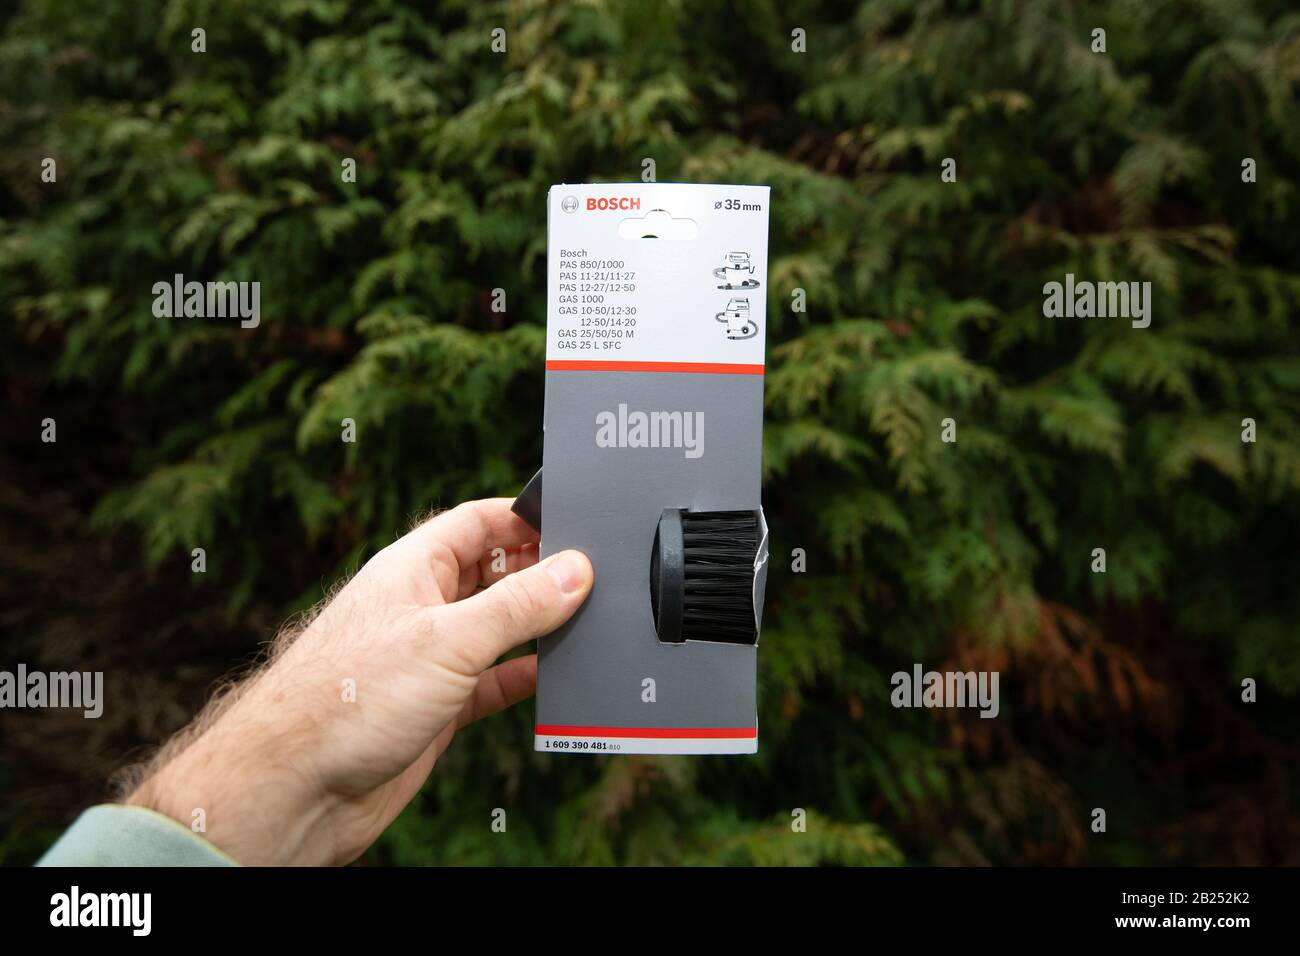 pack de 1 Cepillo aspirador 35 mm Bosch 1 609 390 481